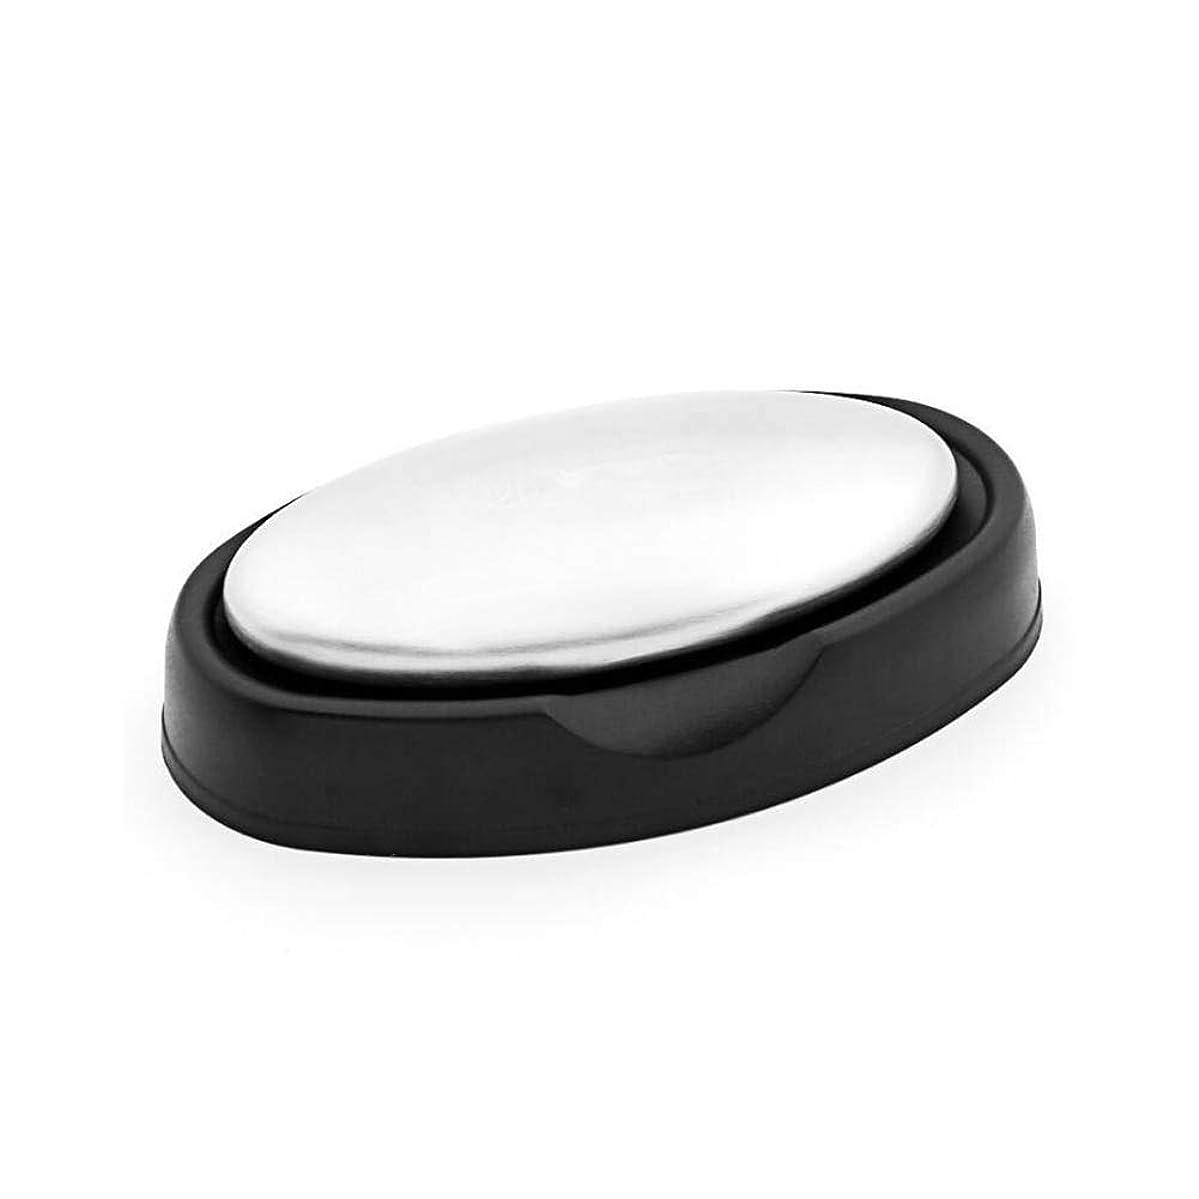 指紋数字センターAlioay ステンレスソープ ステンレス石鹸 円形 臭い取り 石鹸 魚臭を取り除く 実用的な台所用具 台座付き